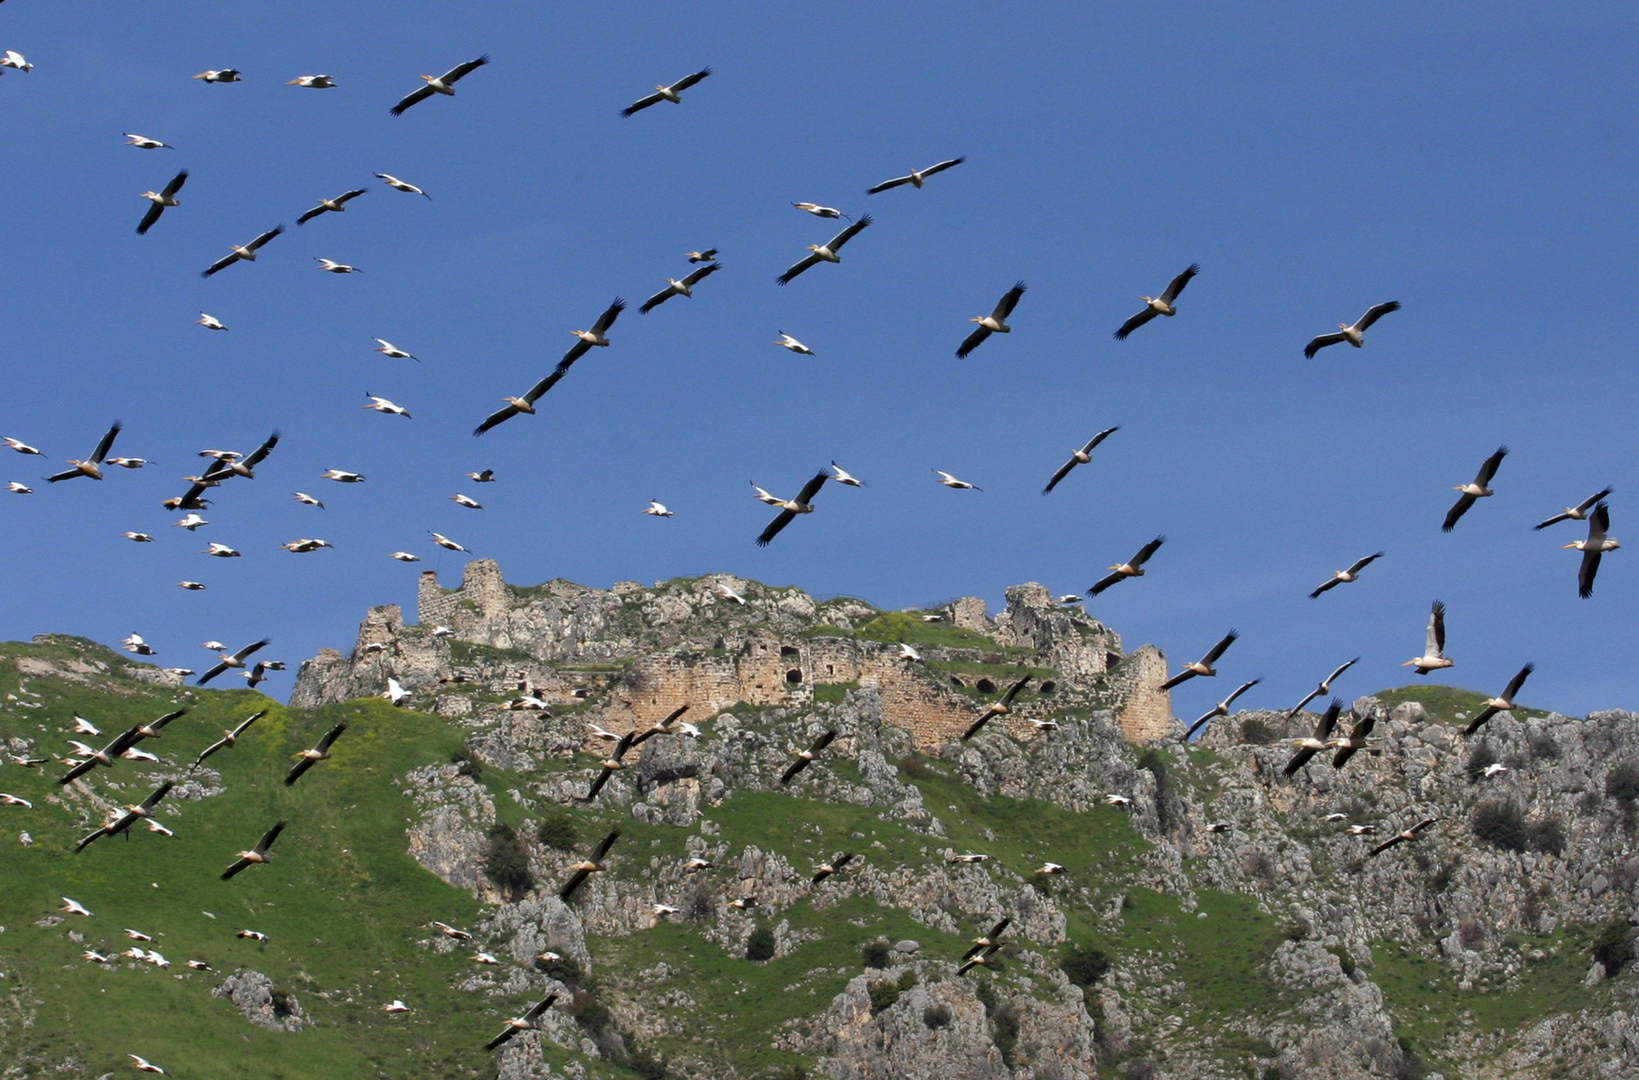 طيور في سماء جنوب لبنان